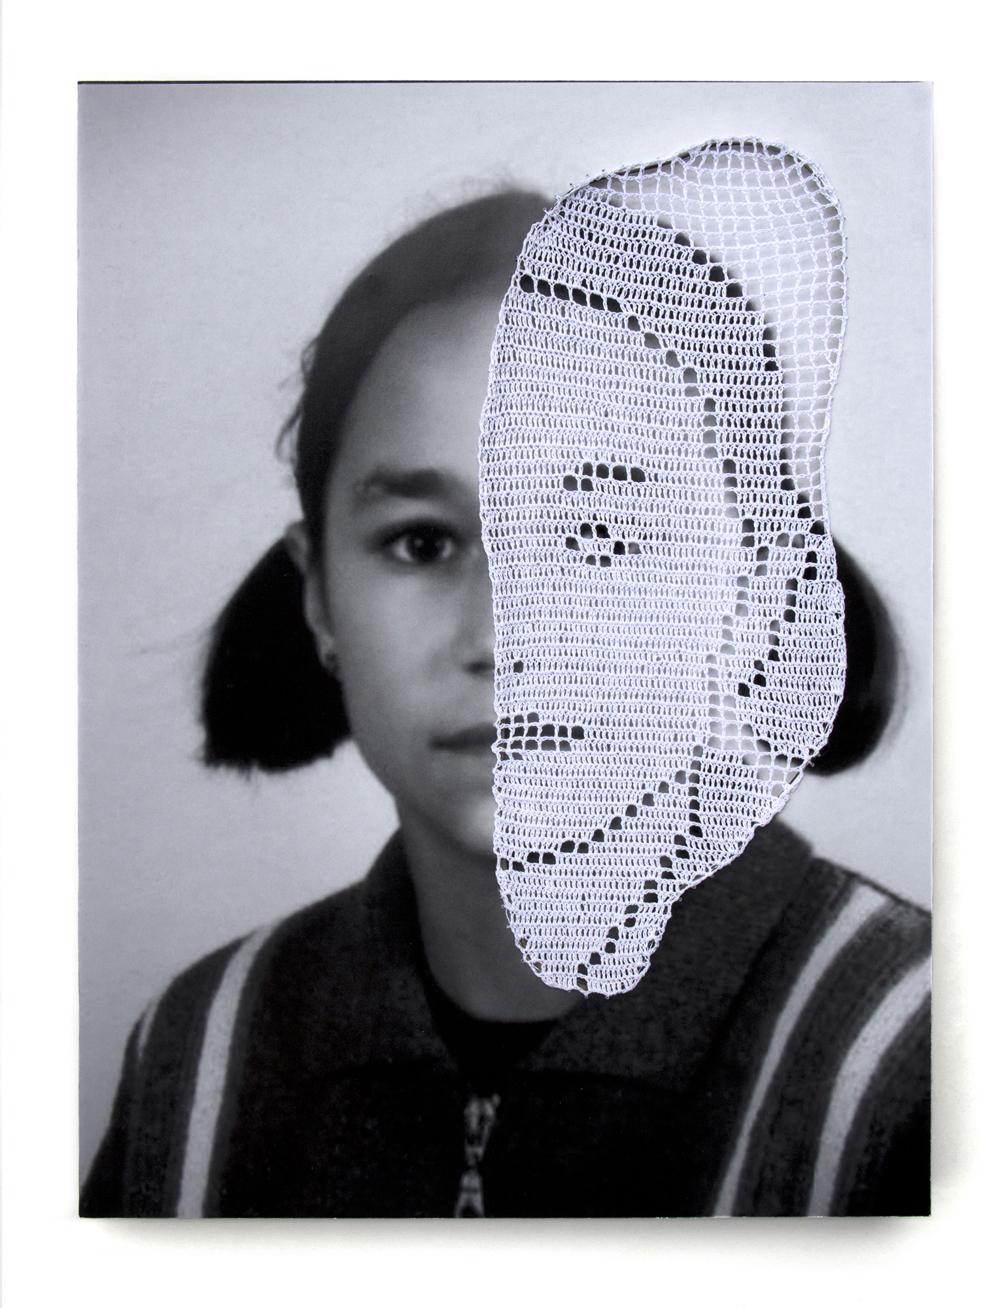 Parcas, 03. Fotografía y ganchillo. 40 x 30 cm. 2011